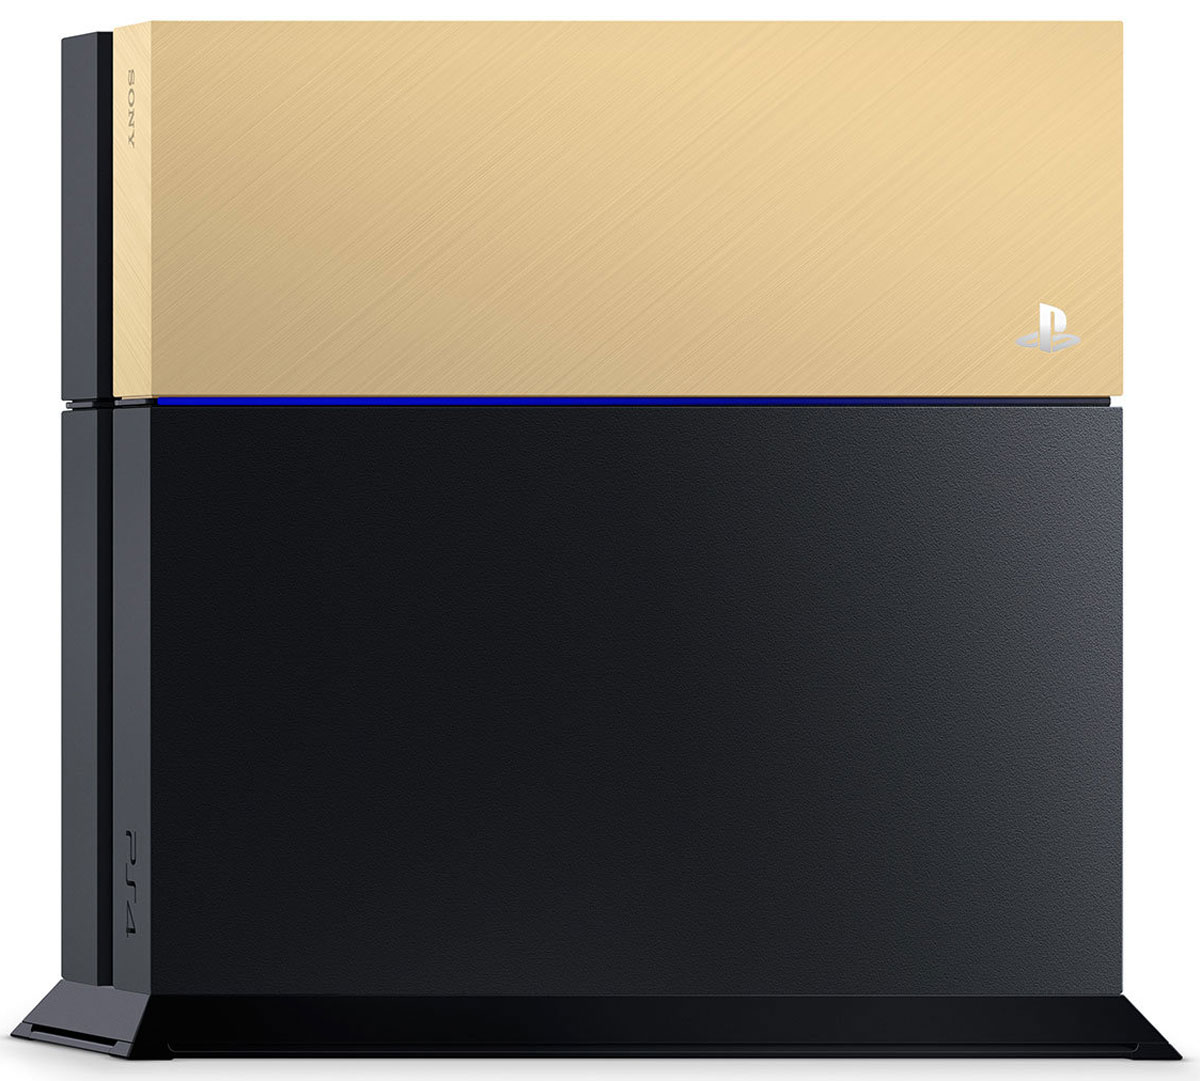 Дополнительная крышка для жесткого диска PS4 (золотая)1CSC20002112Настройте PS4 под себя! Добавьте яркого цвета вашей PlayStation 4 с этими специальными лицевыми панелями. Они плавно устанавливаются на крышку отсека жесткого диска (HDD), а ваша система PS4 мгновенно приобретает новый облик.